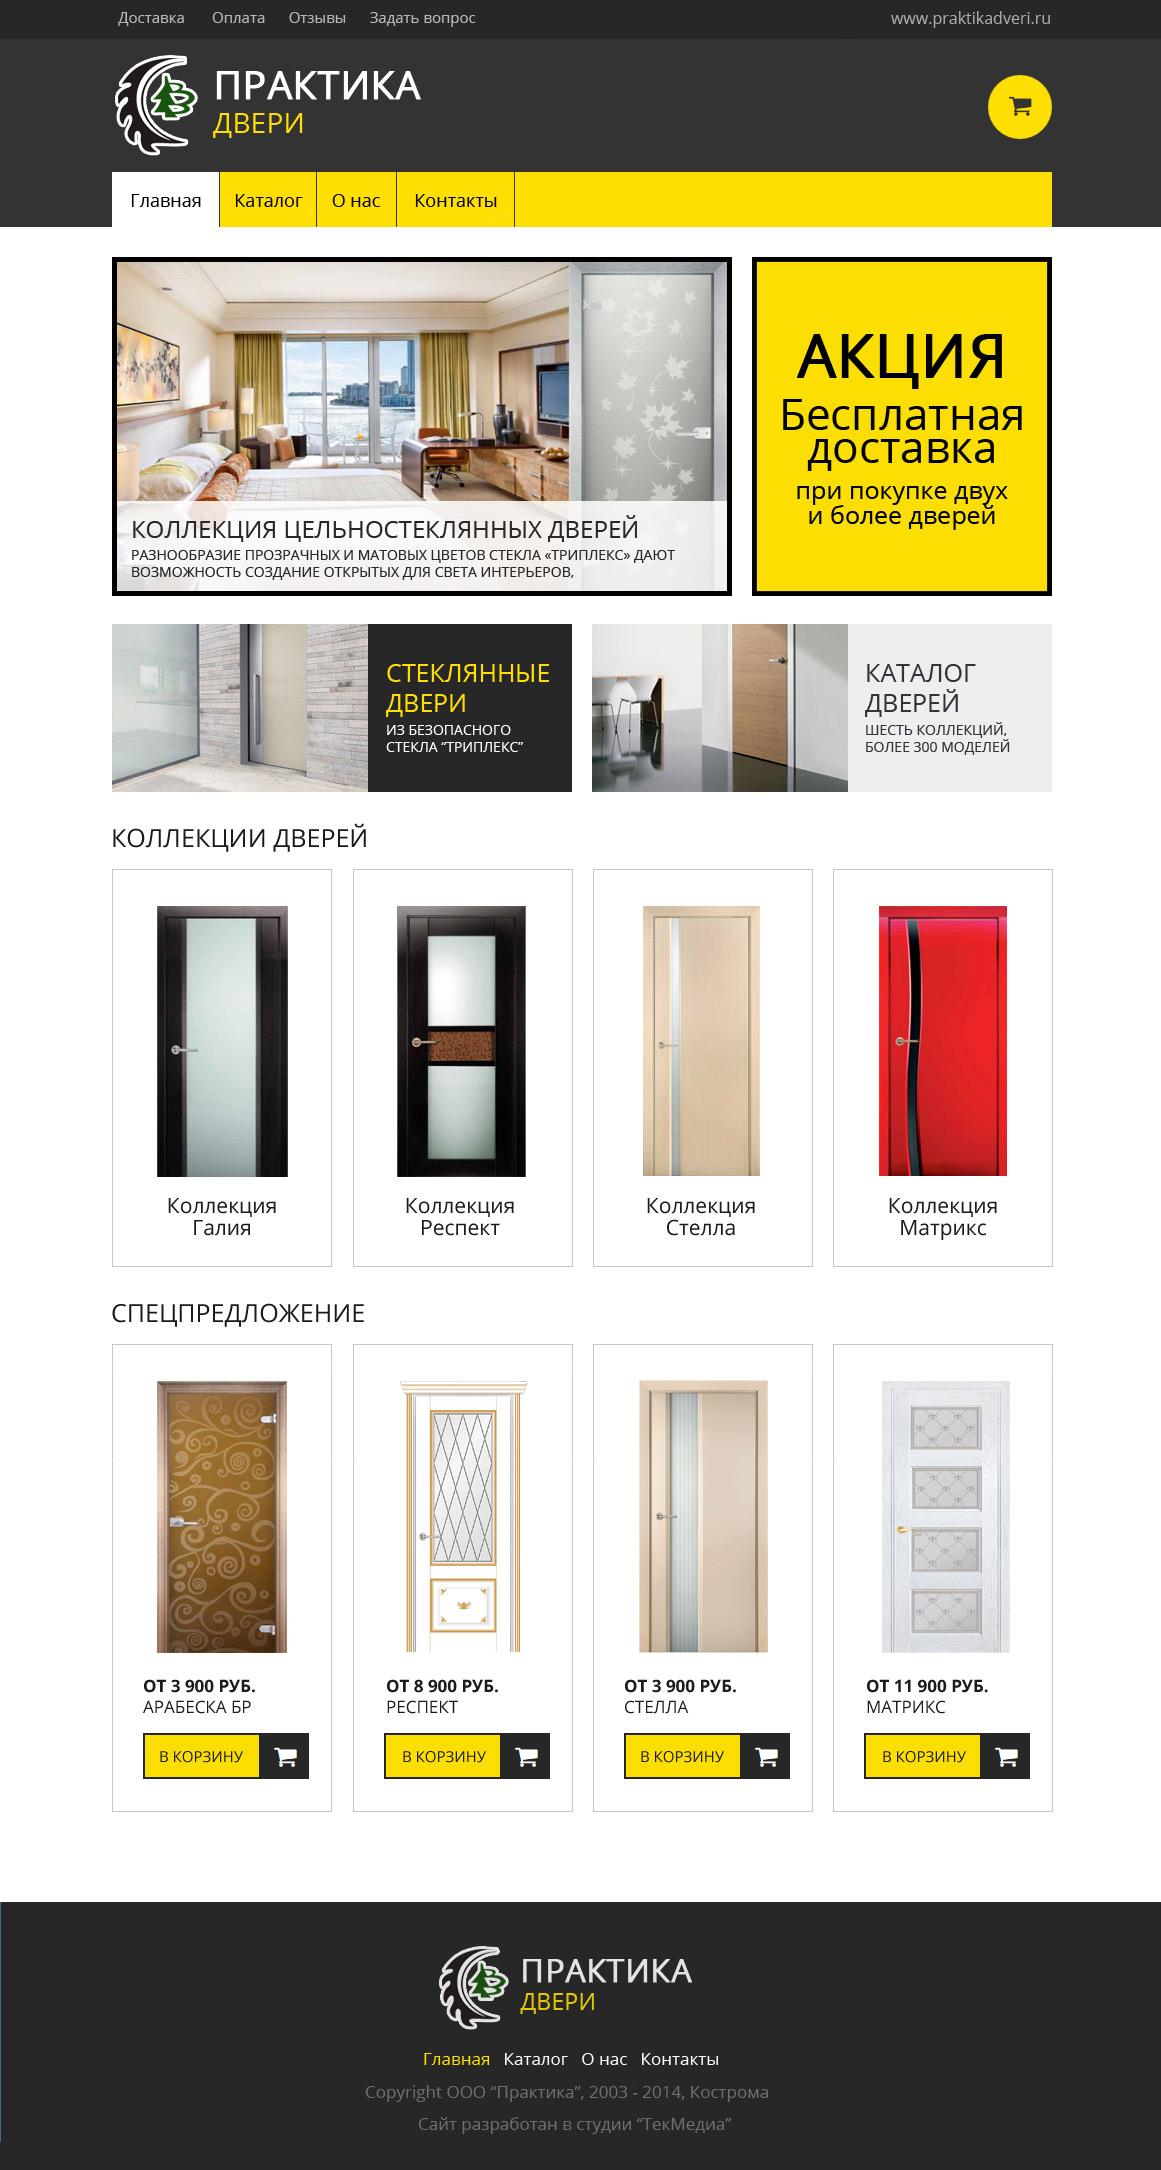 Интернет-магазин дверей «Практика». Создание сайтов в Костроме